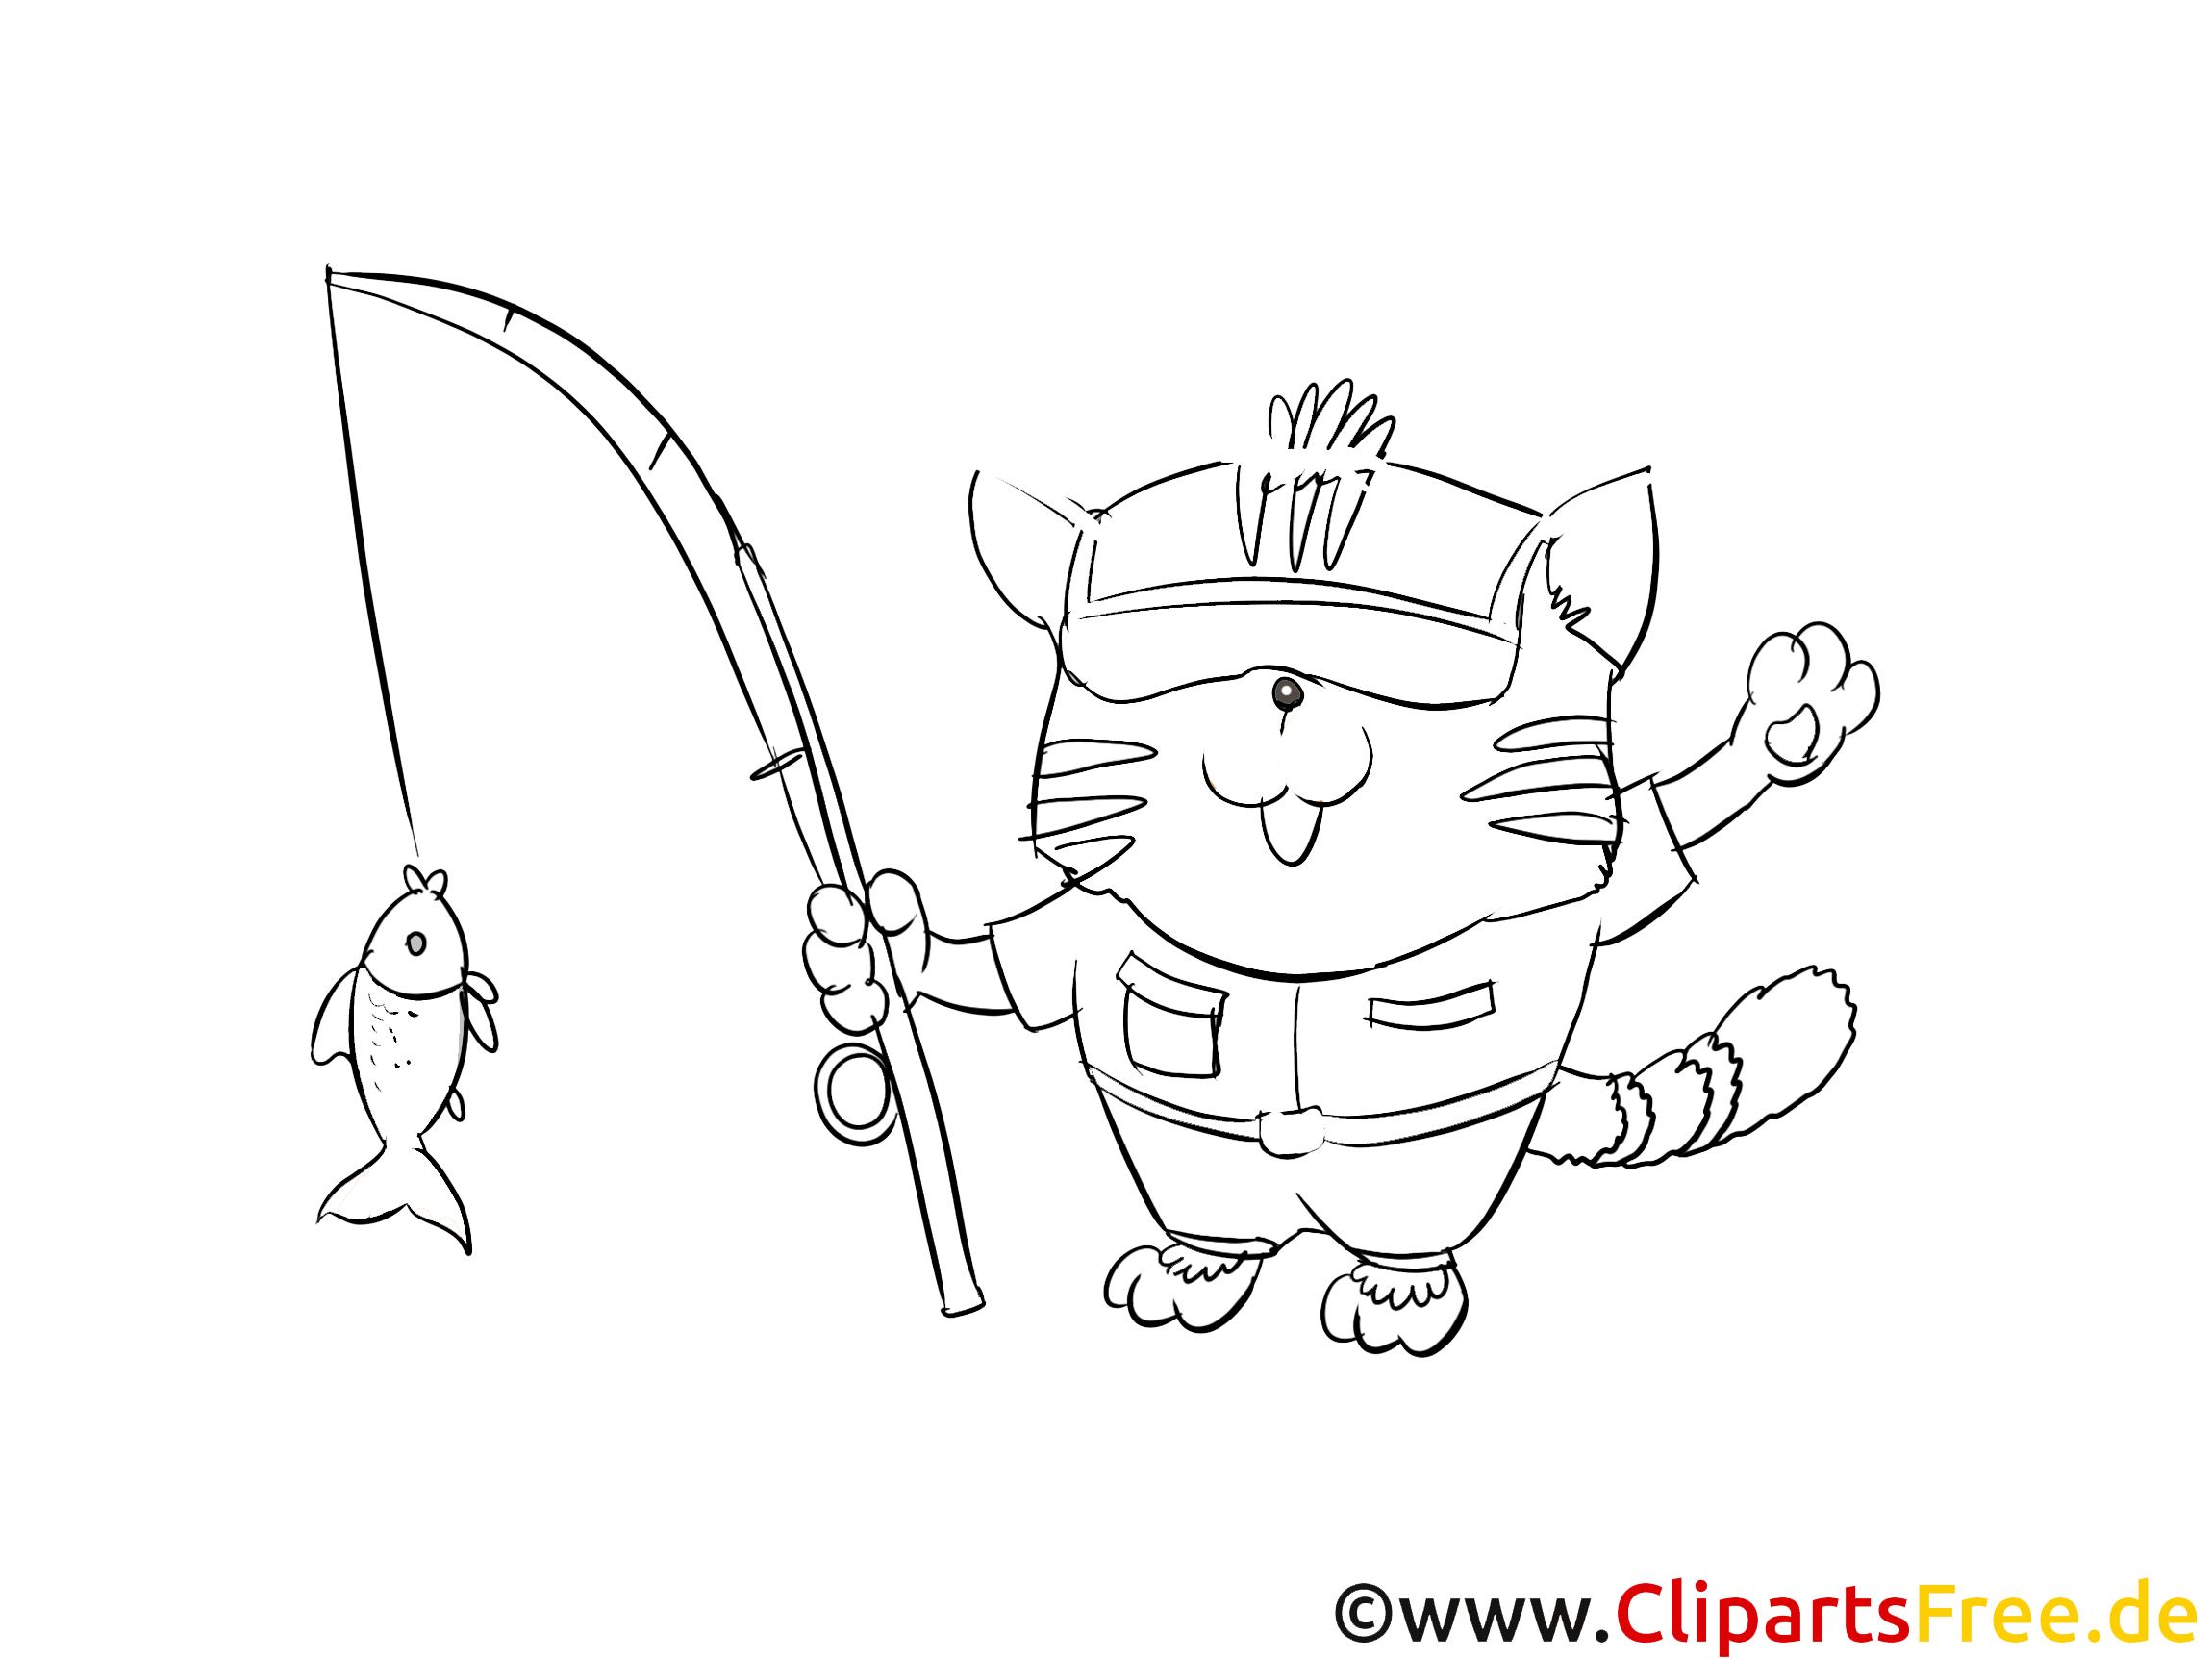 Katze geht Angeln Ausmalbild zum Drucken und Ausmalen